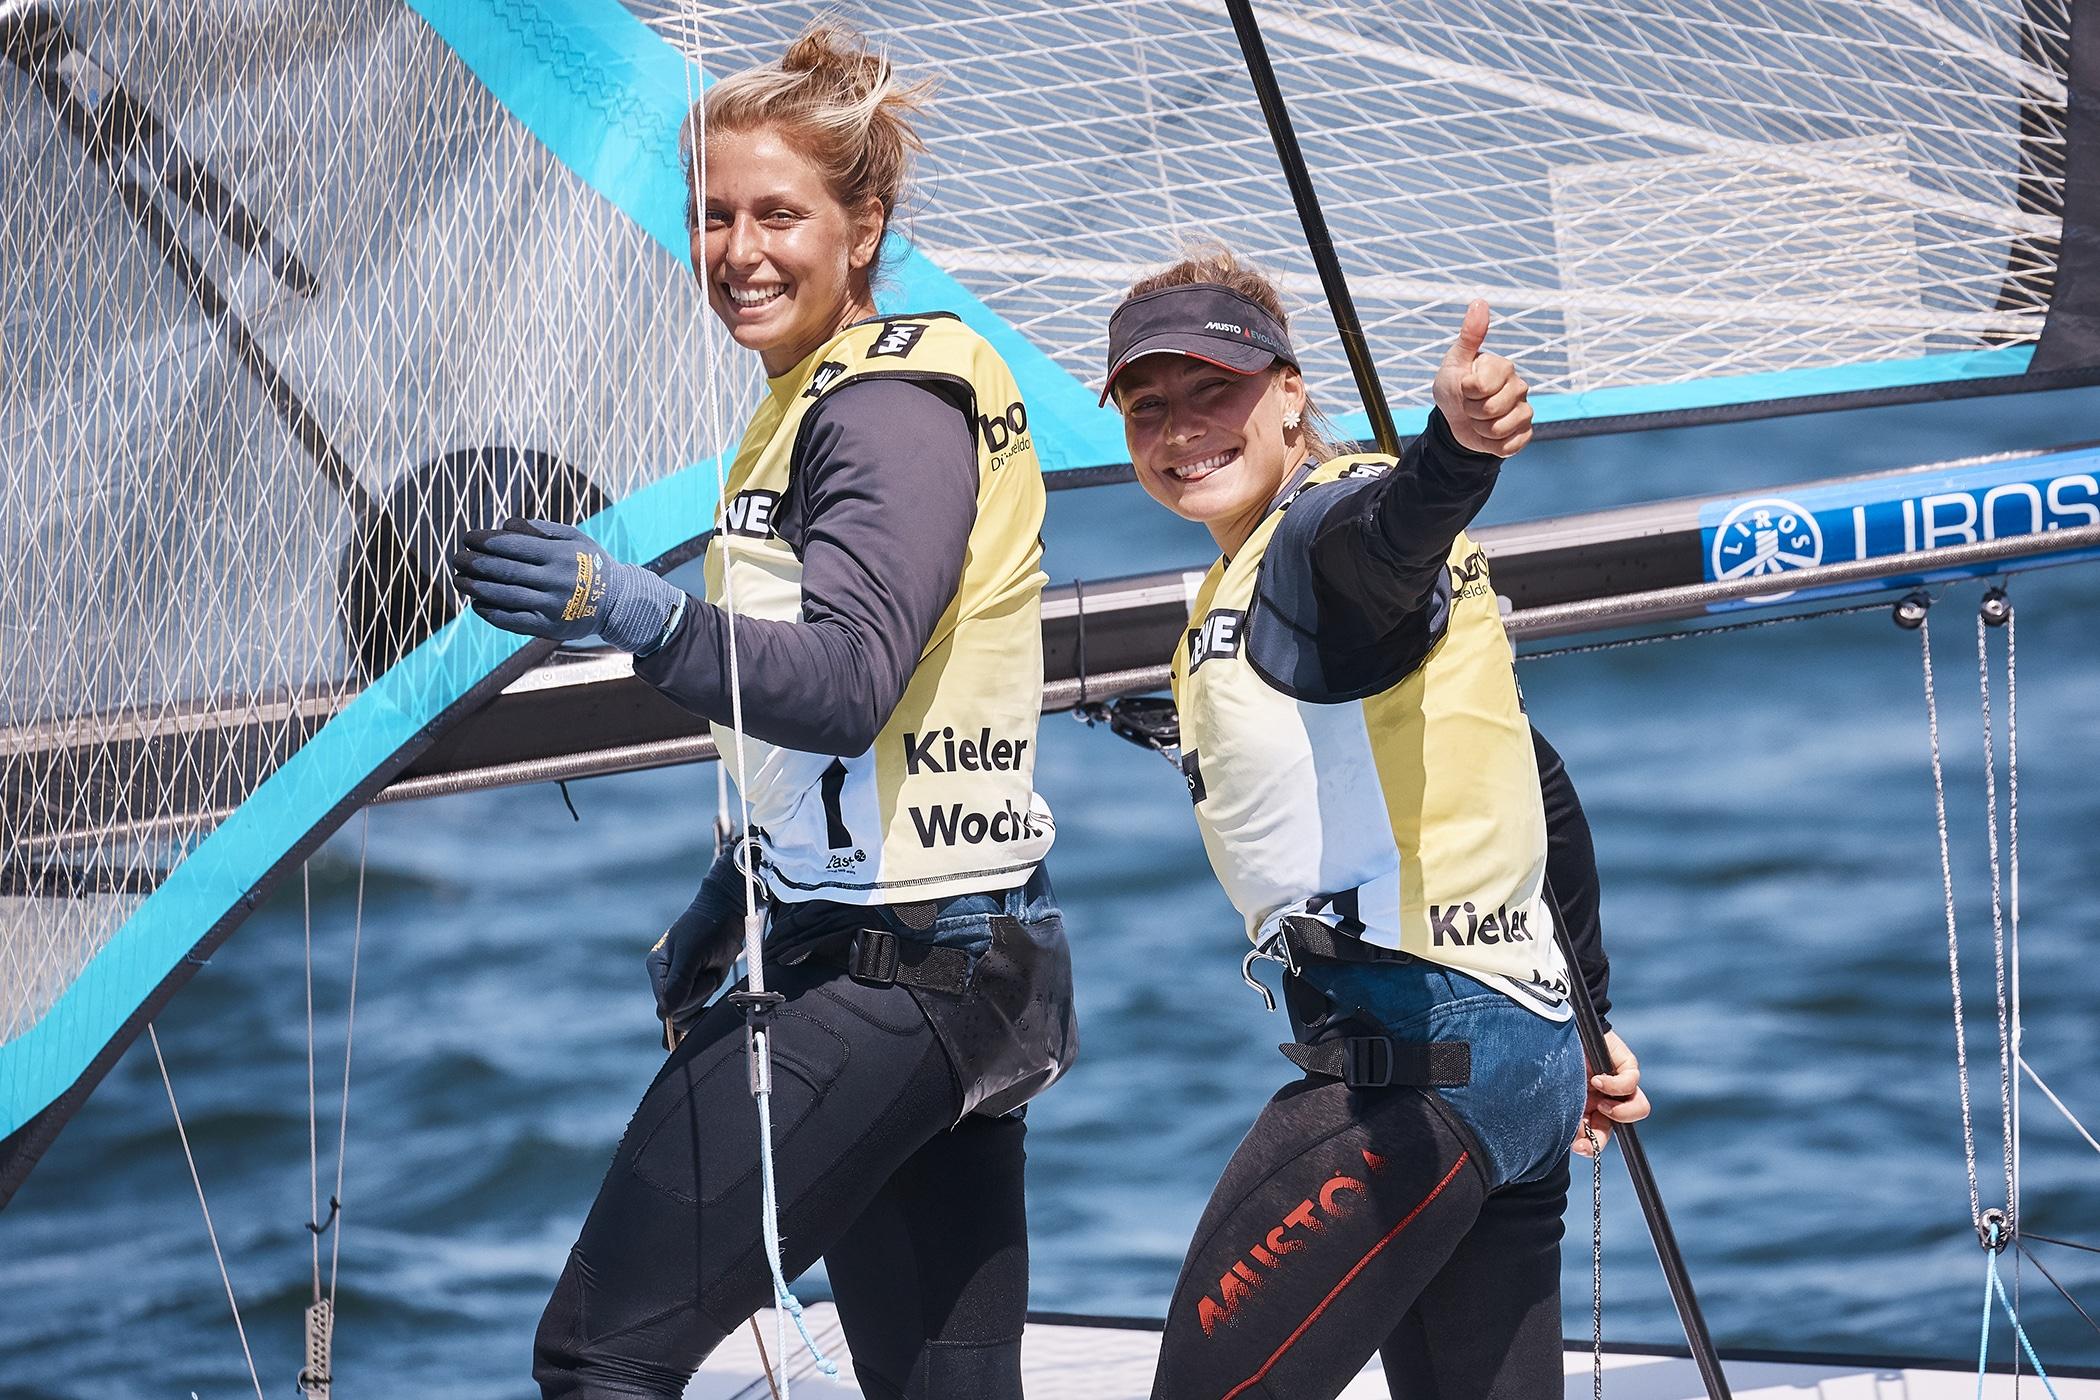 Vicky Jurczok und Anika Lorenz freuen sich über ihren ersten Kieler Woche-Sieg. Foto: DSV/Felix Diemer